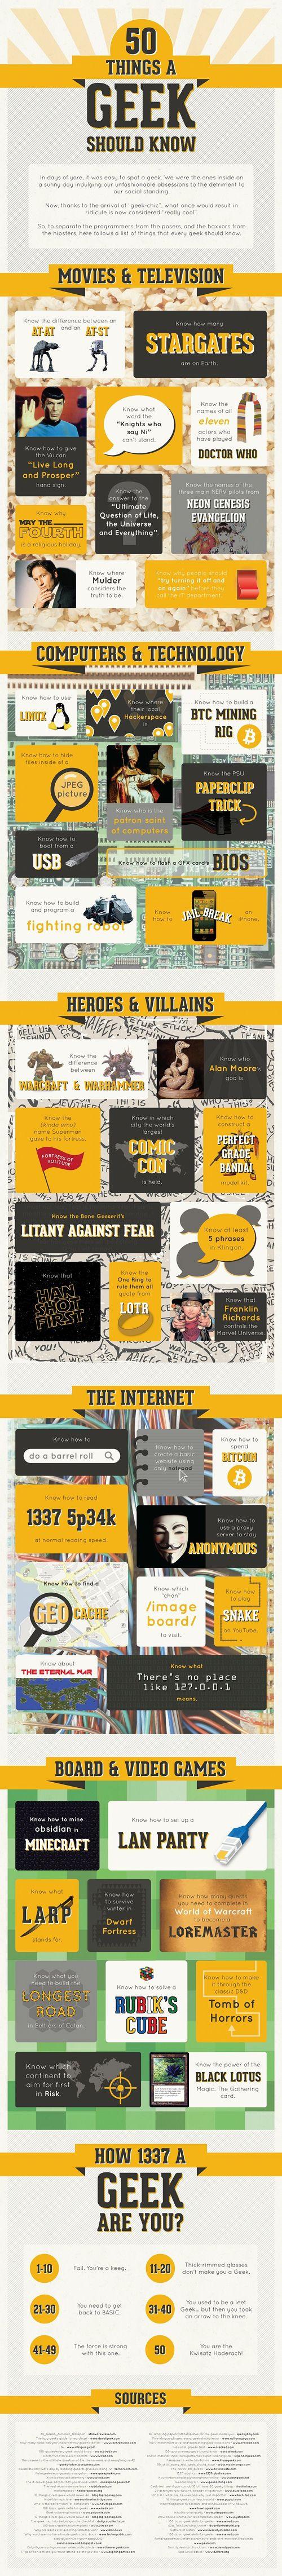 50 choses geek connaitre 50 choses qu'un Geek doit connaître